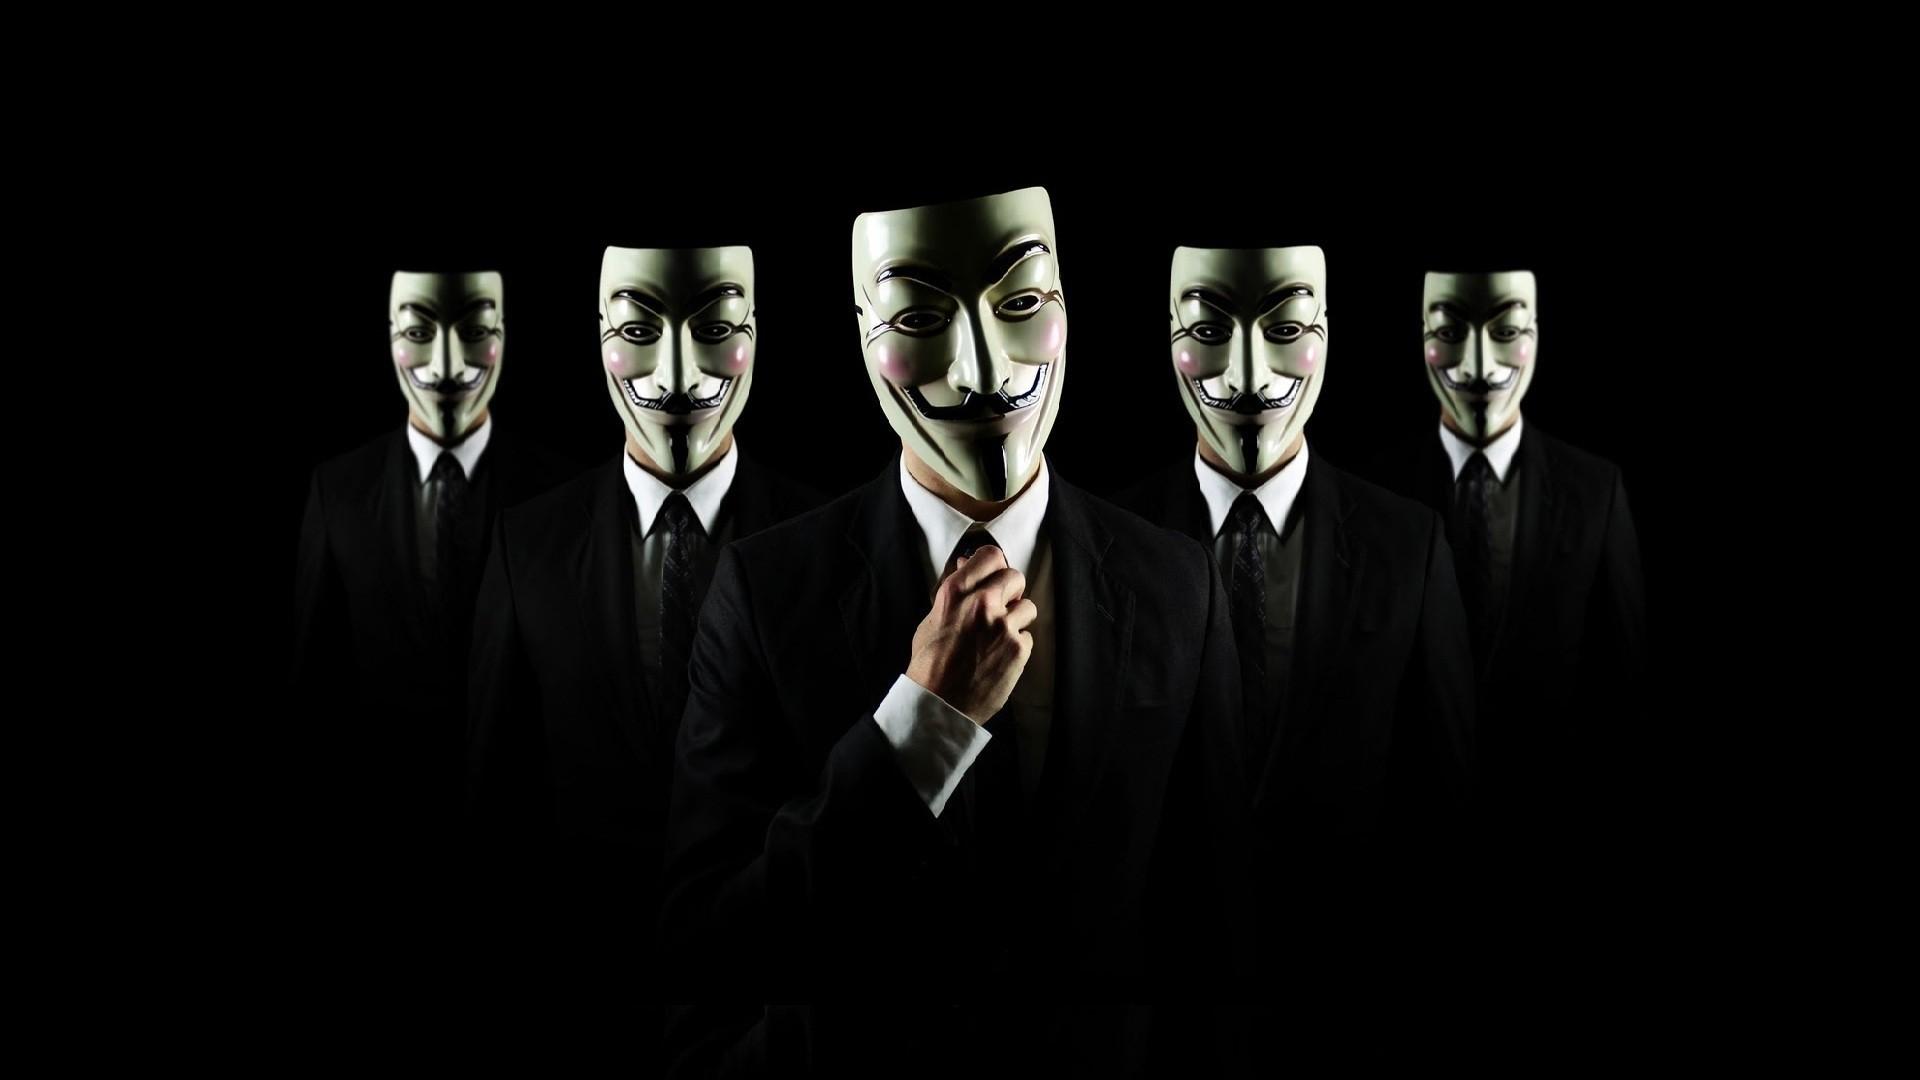 Darknet anonymous hyrda изменить страну в tor browser вход на гидру